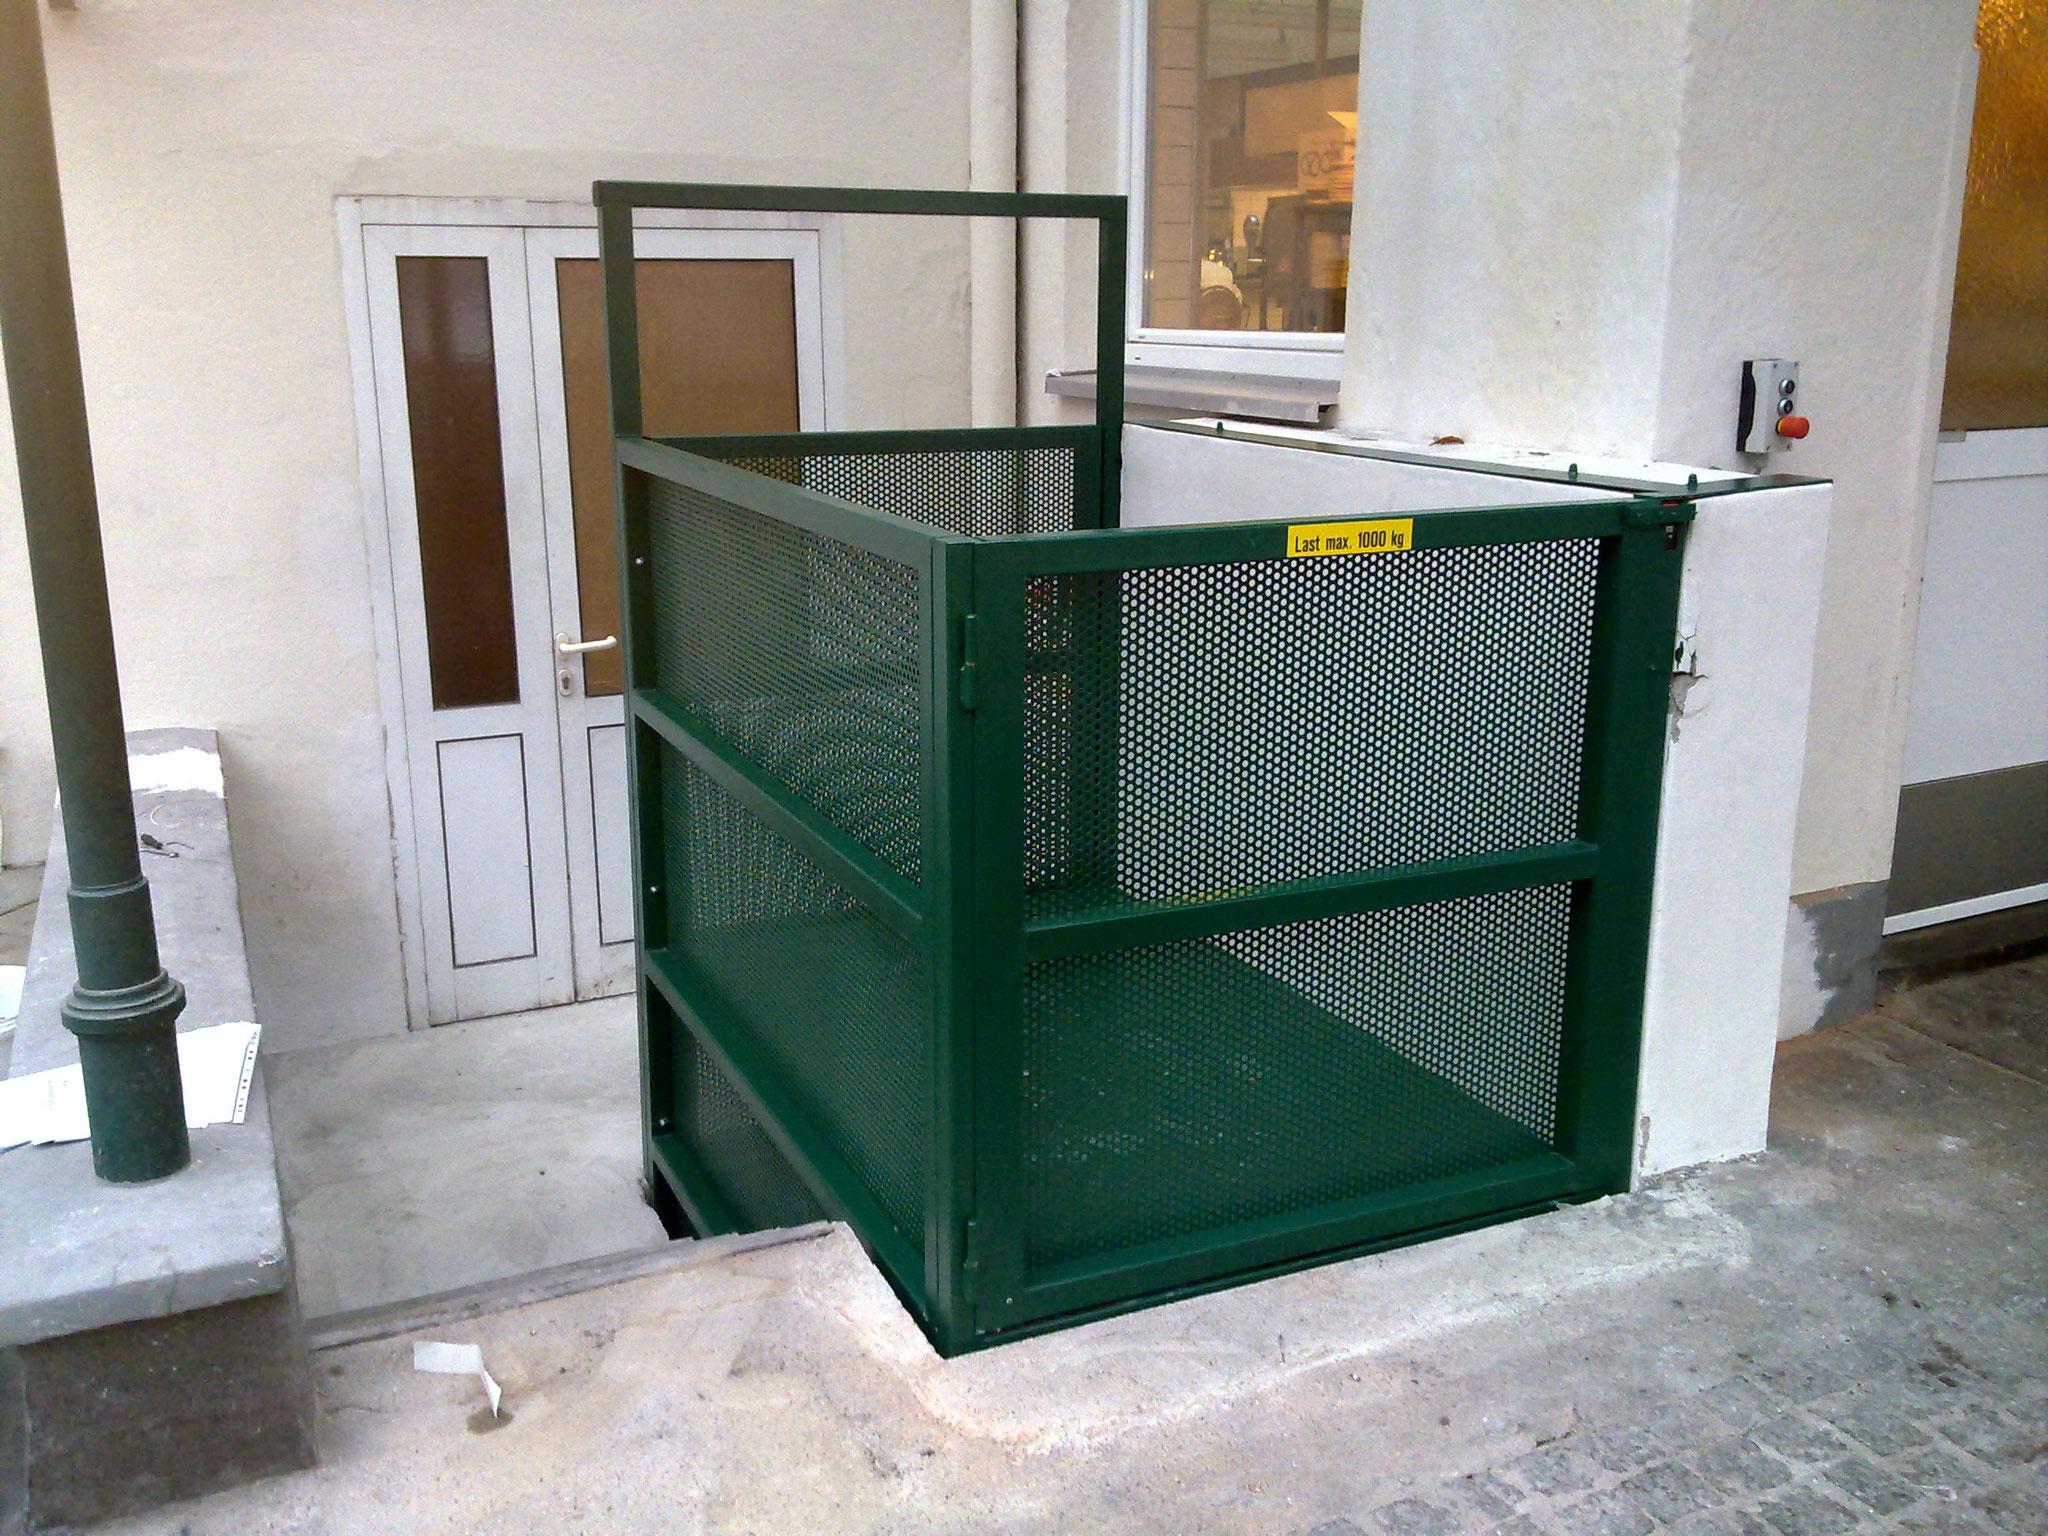 Hubanlage für Küchenanlieferung